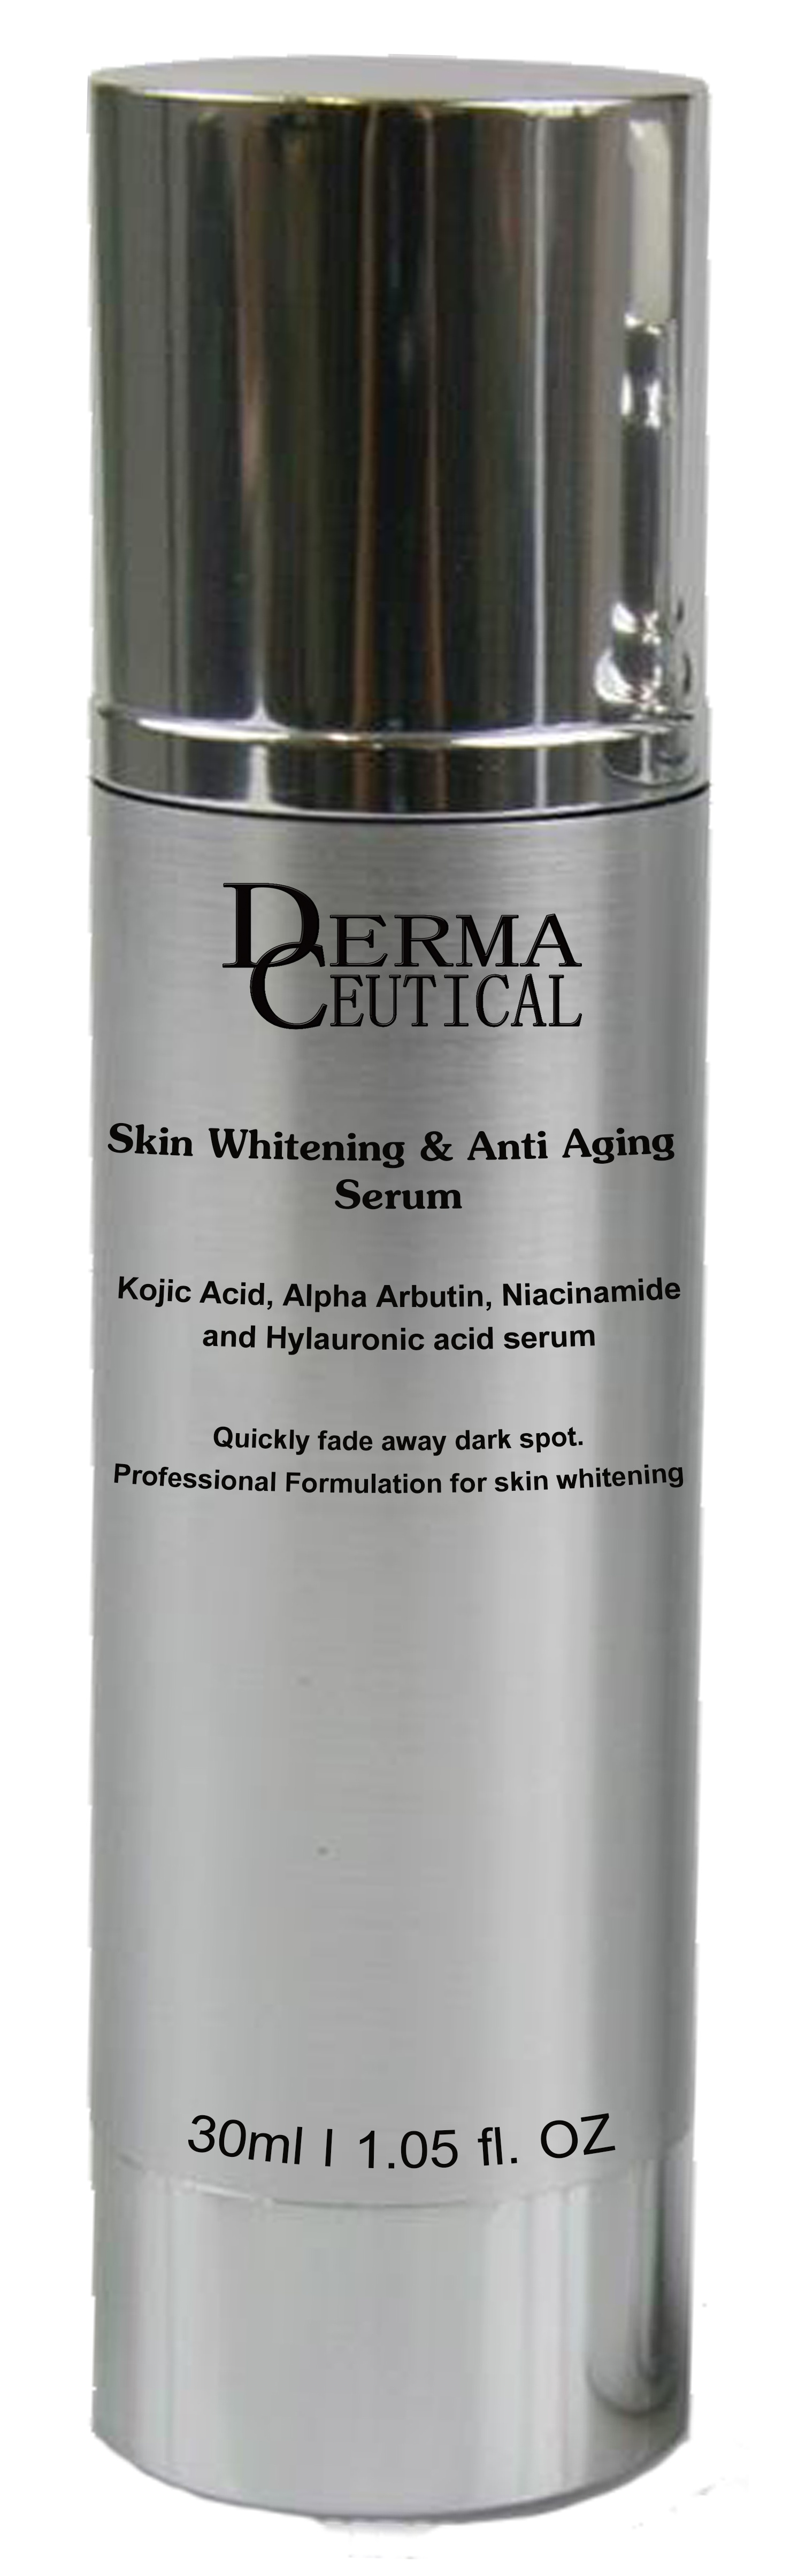 Dermaceutical  Skin Whitening & Anti Aging Serum